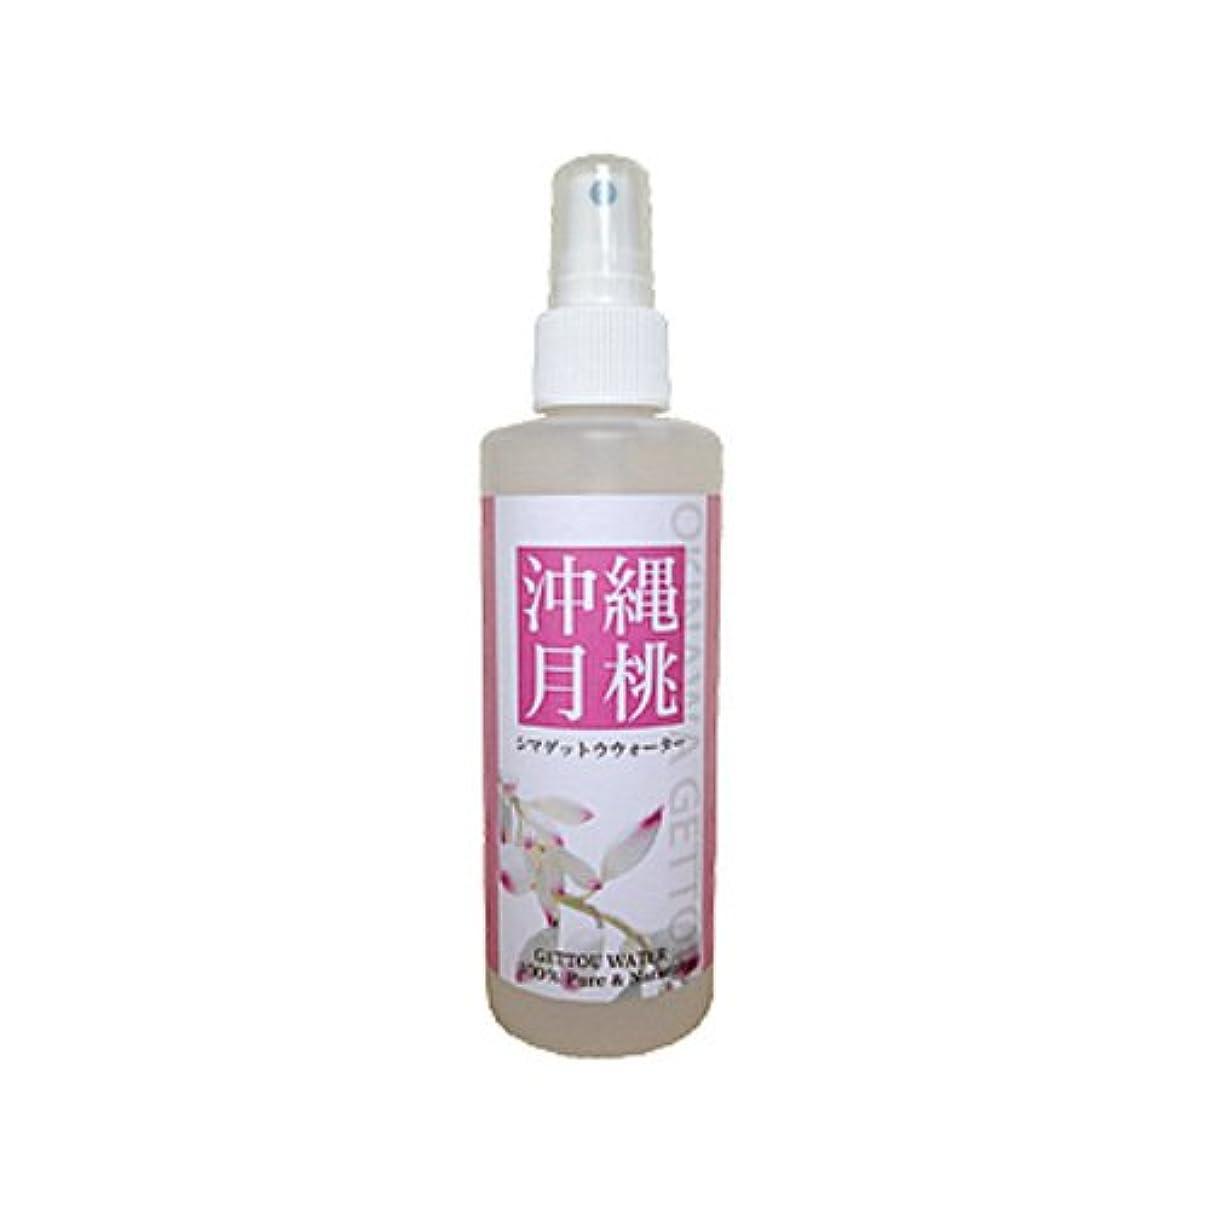 小道具リファイン系譜月桃蒸留水 フローラルウォーター シマ月桃葉100%使用 200ml